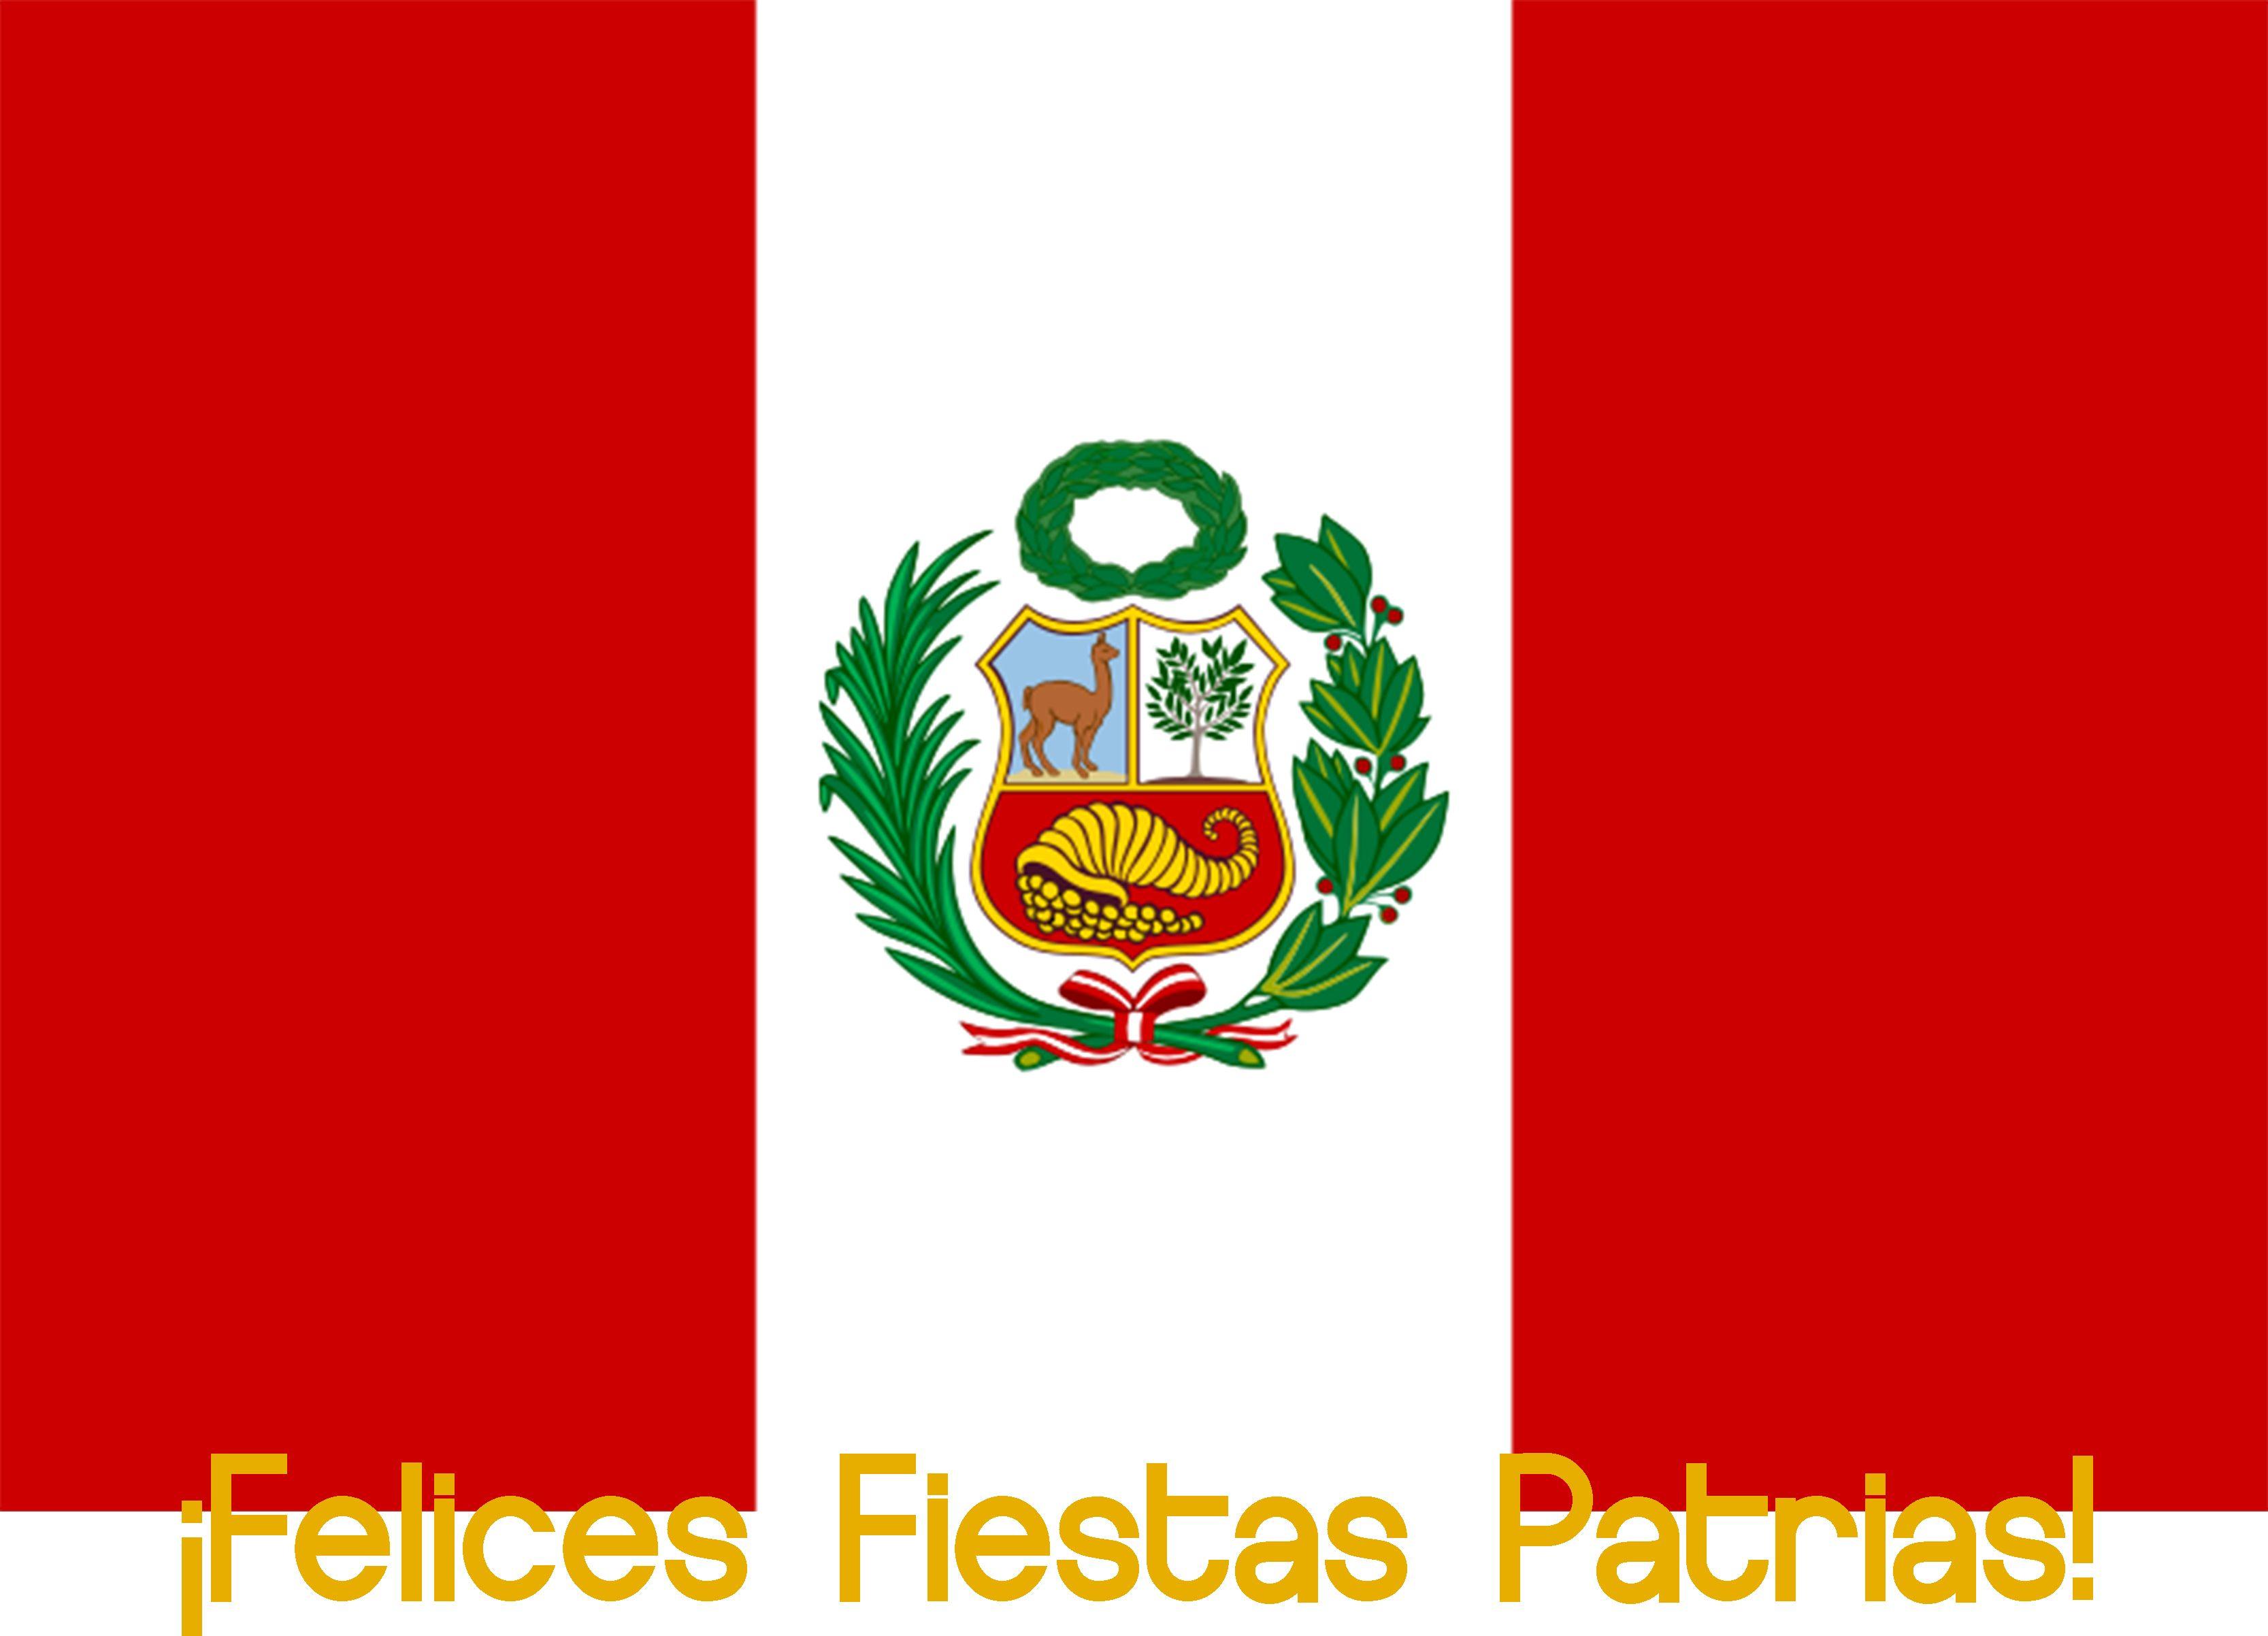 Felices Fiestas Patrias El Peru Gbc Desea Que Puedan Disfrutar De Este Feriado Largo Haciendo Lo Que Mas Les Guste Pero Siempre Peru Flag Flag Peruvian Flag